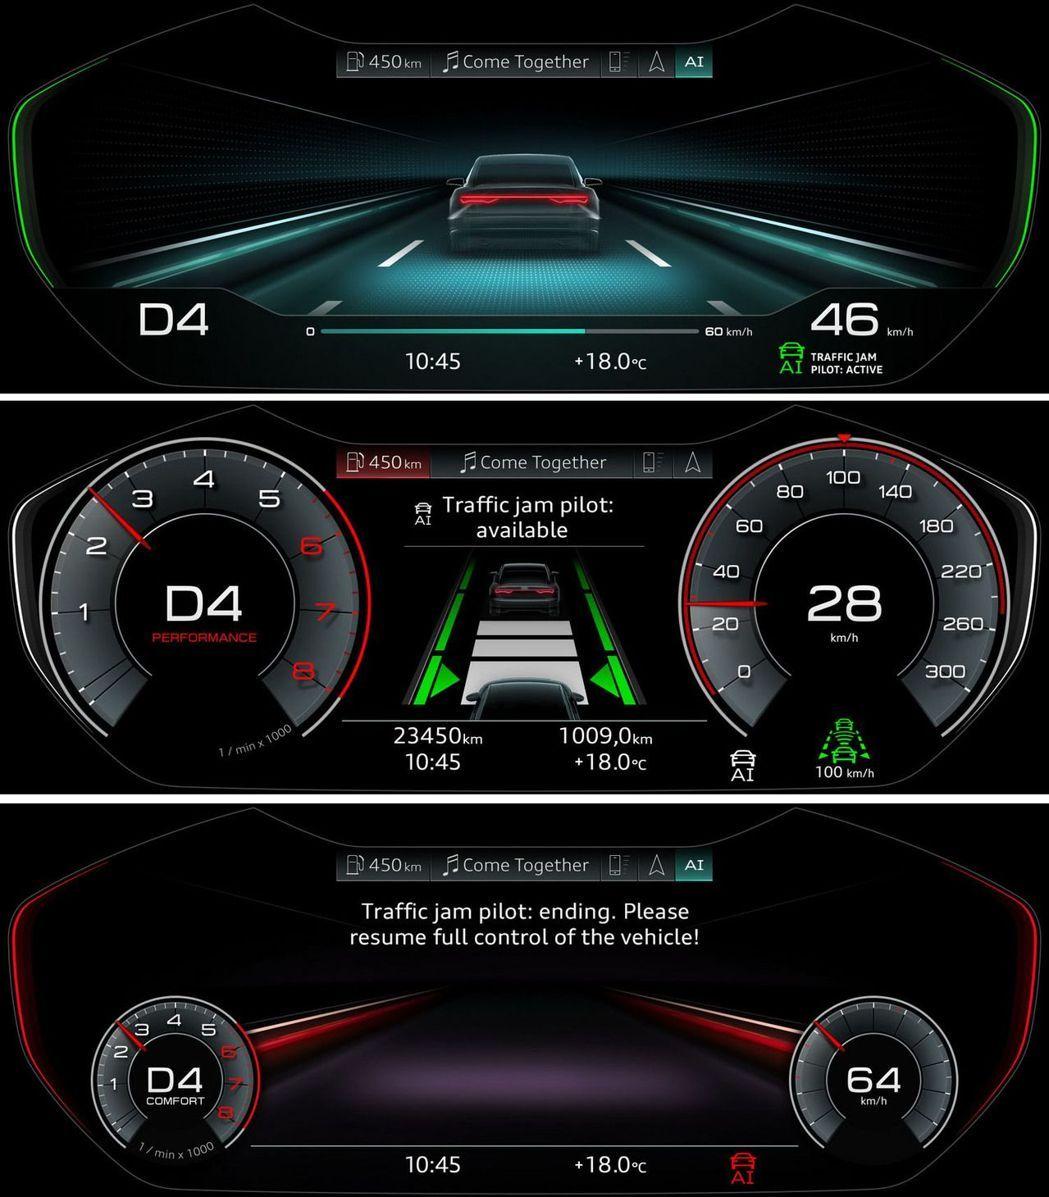 當車輛行駛速度超過60km/h或前方交通阻塞情況逐漸消退時,Audi AI traffic jam pilot系統將會發出三階段提醒預告,告知駕駛者準備接管車輛行駛,從初步的視覺提醒訊息、進而聲音提醒警示,當駕駛仍未察覺或無故忽略警示時,系統將會主動降低車速直至車輛靜止或駕駛接管操作為止,確保駕駛、全車乘員及周遭車輛的行車安全。 圖/台灣奧迪提供